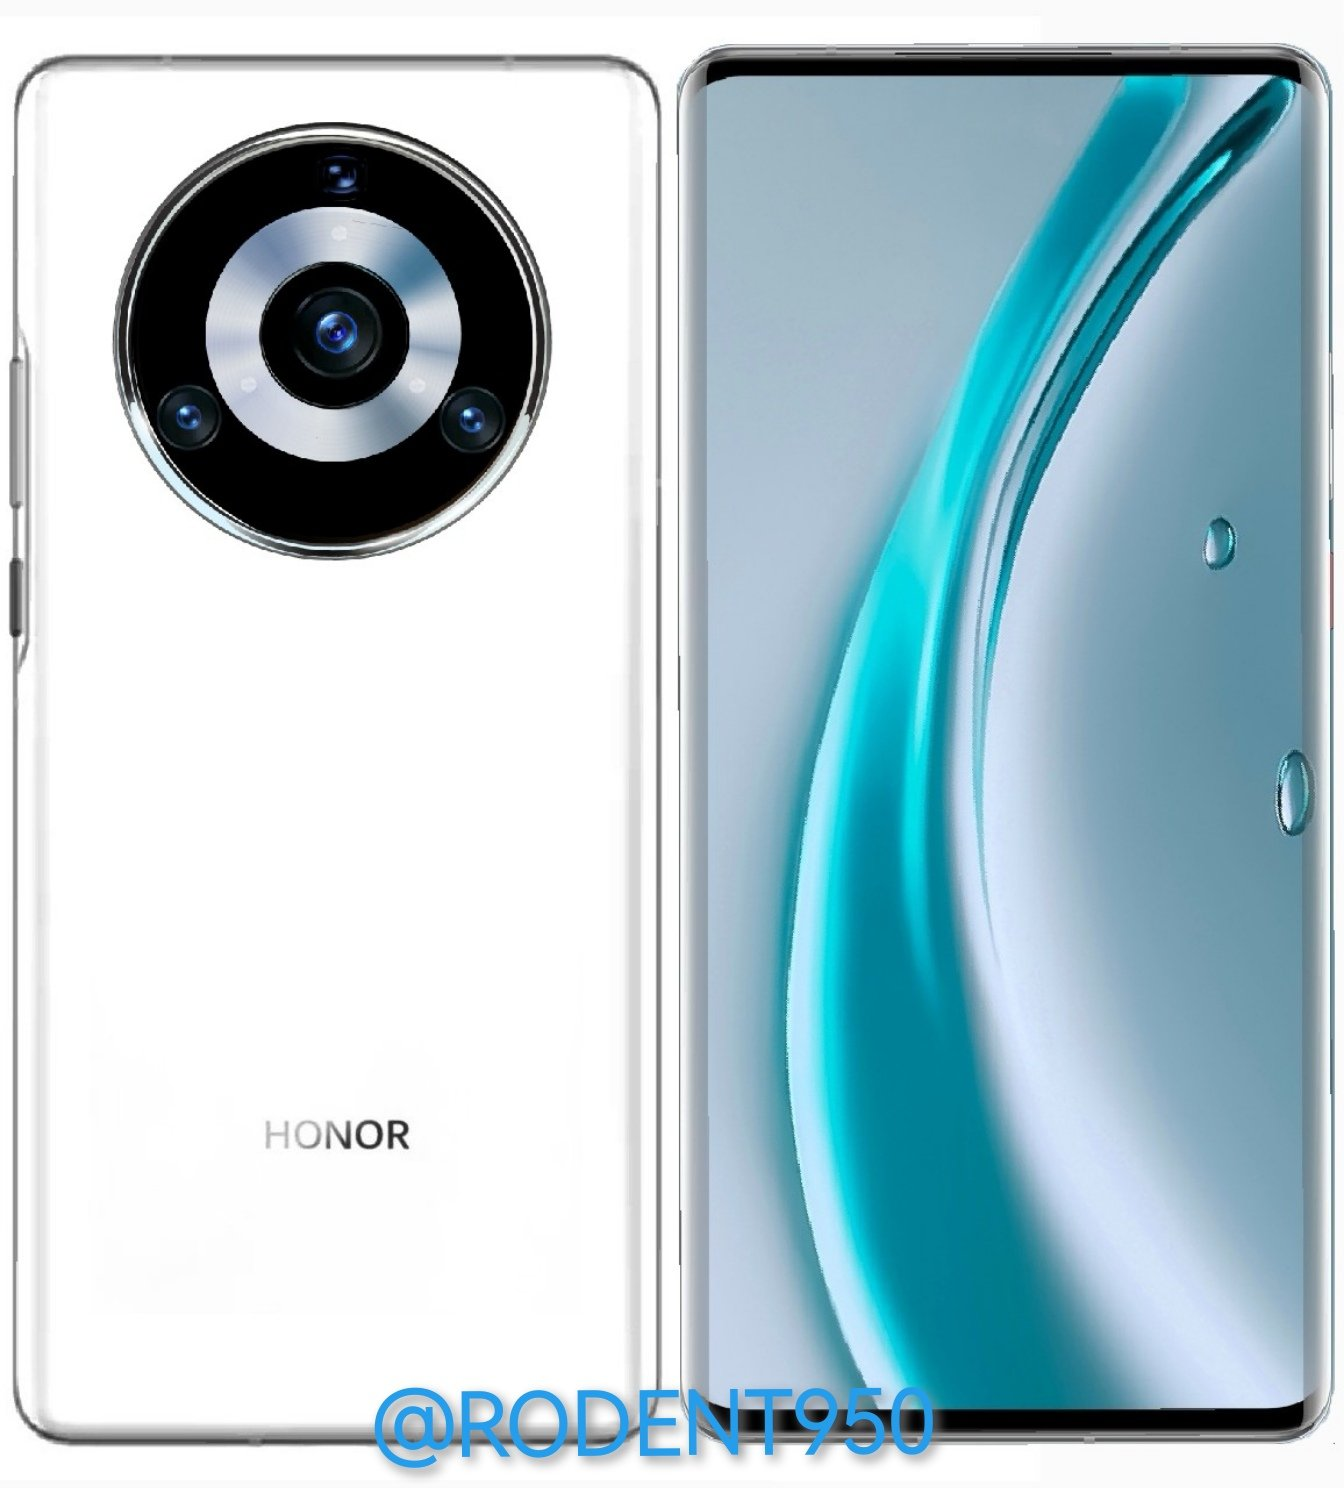 آنر مجیک ۳ پرو پلاس با دوربین سلفی زیر نمایشگر و زوم ۱۰۰ برابری از راه میرسد